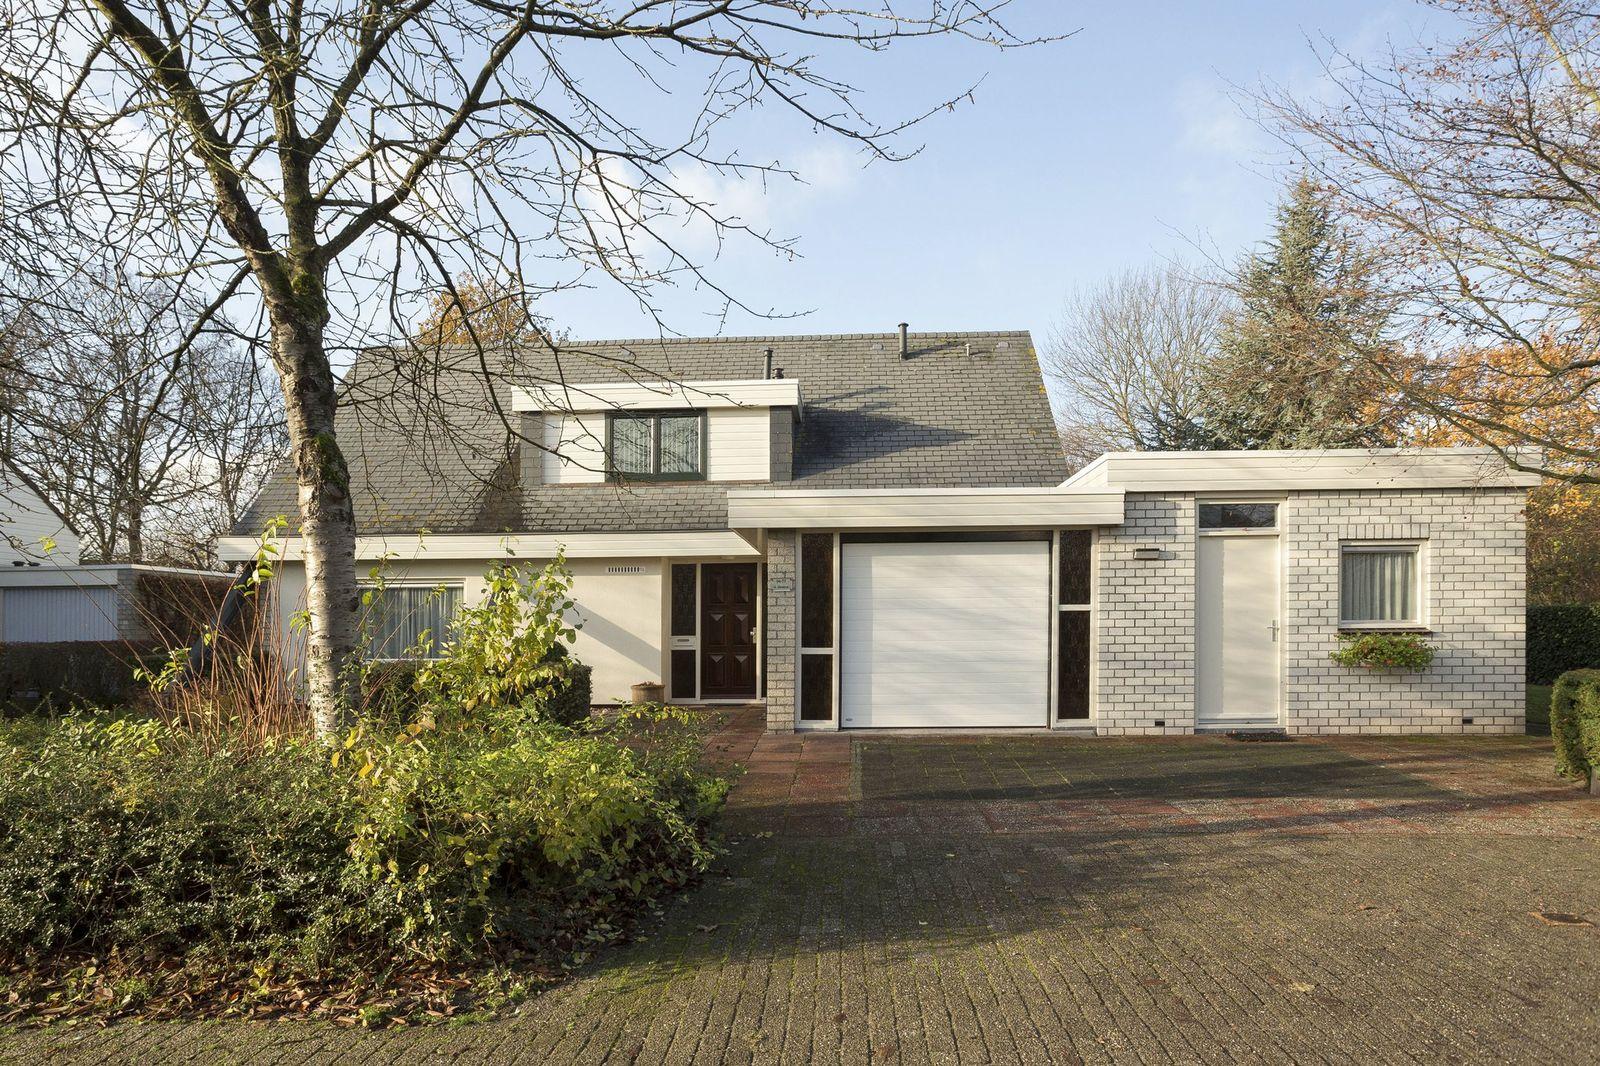 Boeier 04 77, Lelystad